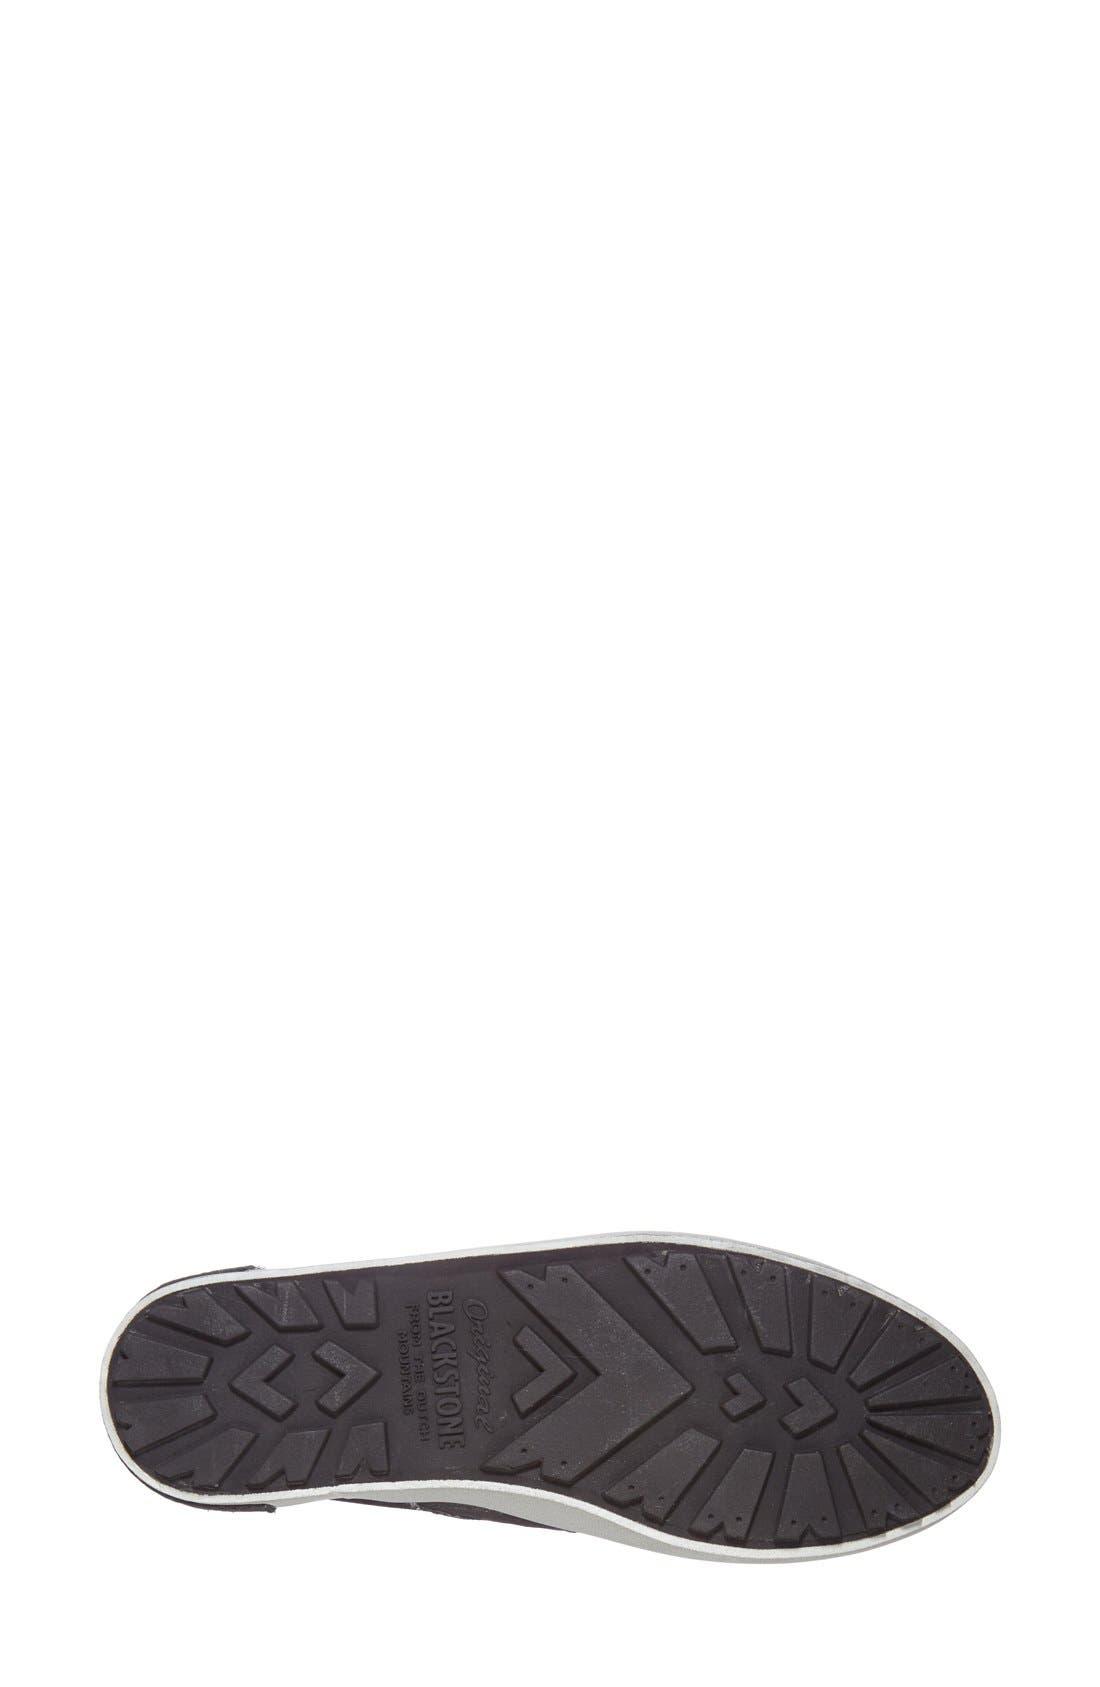 'JL23' Slip-On Sneaker,                             Alternate thumbnail 11, color,